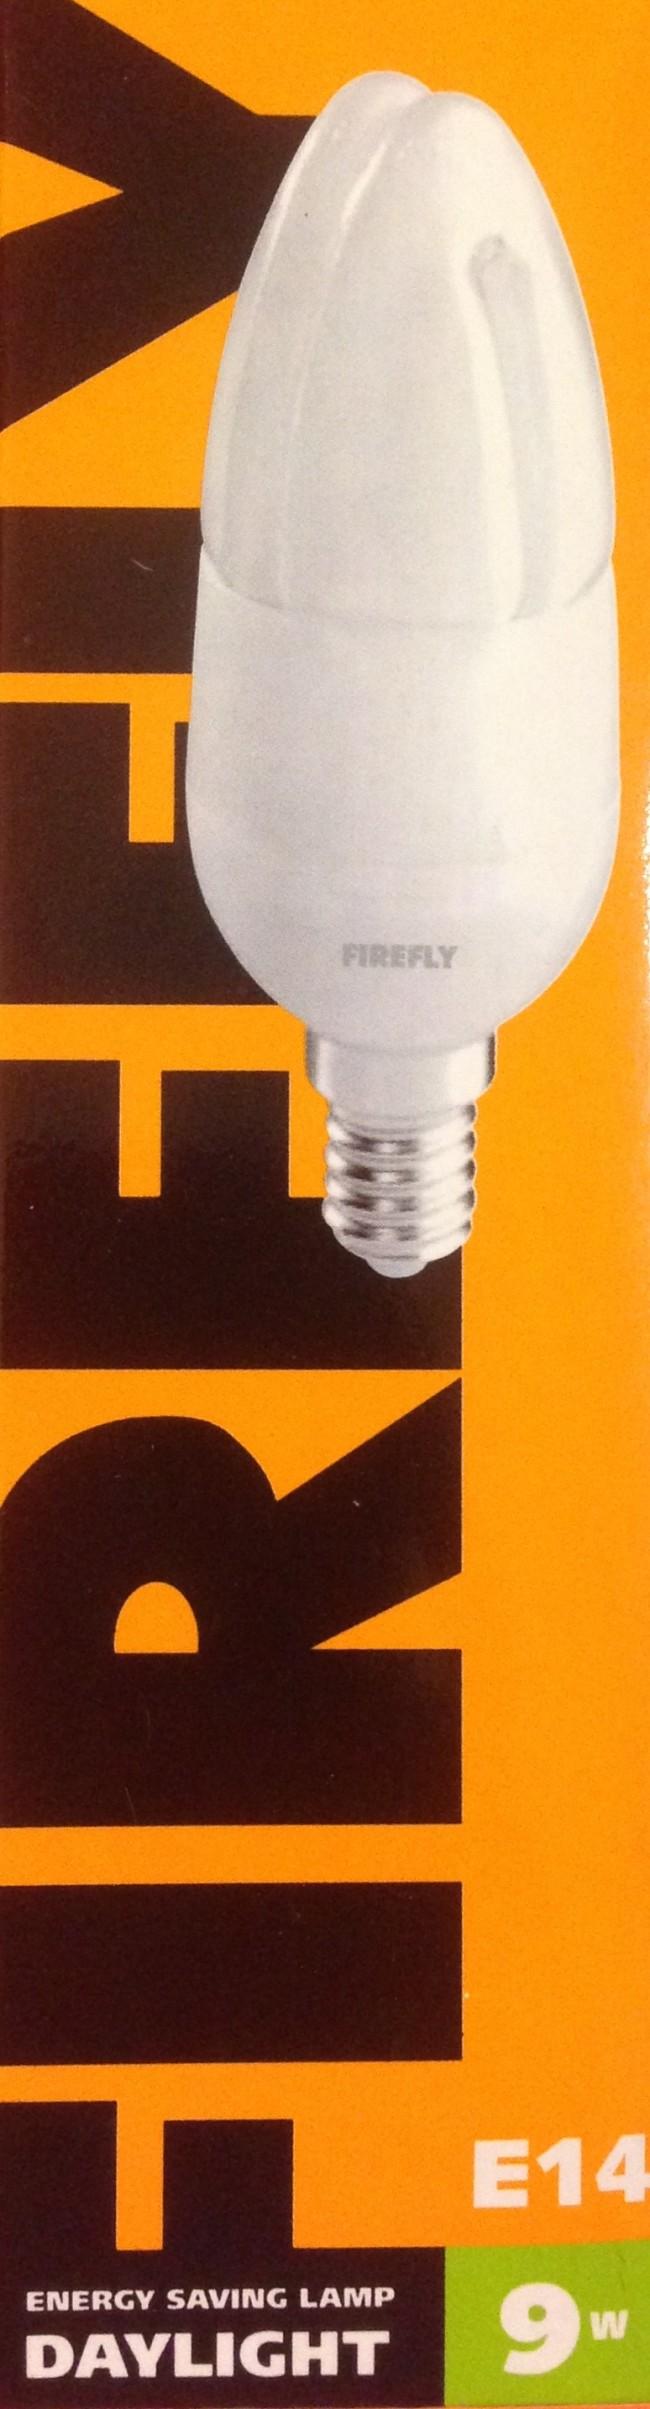 Λάμπα Οικονομίας Κεράκι FIREFLY 9W Ε14 Ψυχρό Λευκό 6400k CFL CDL-9D 7b287a8db46